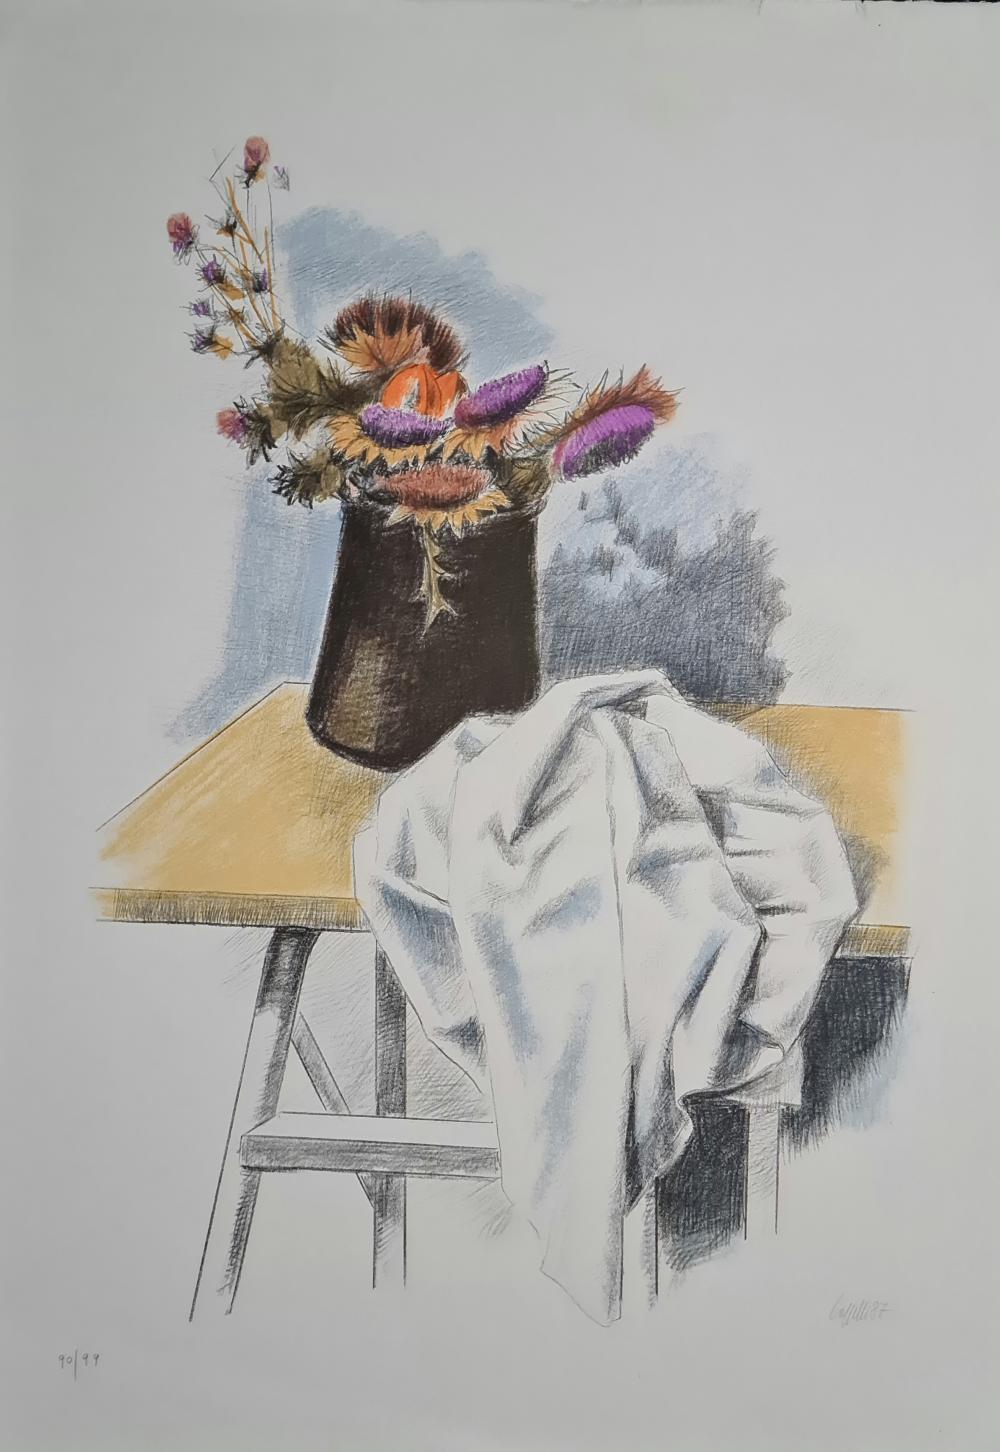 Cappelli Giovanni - Vaso di fiori